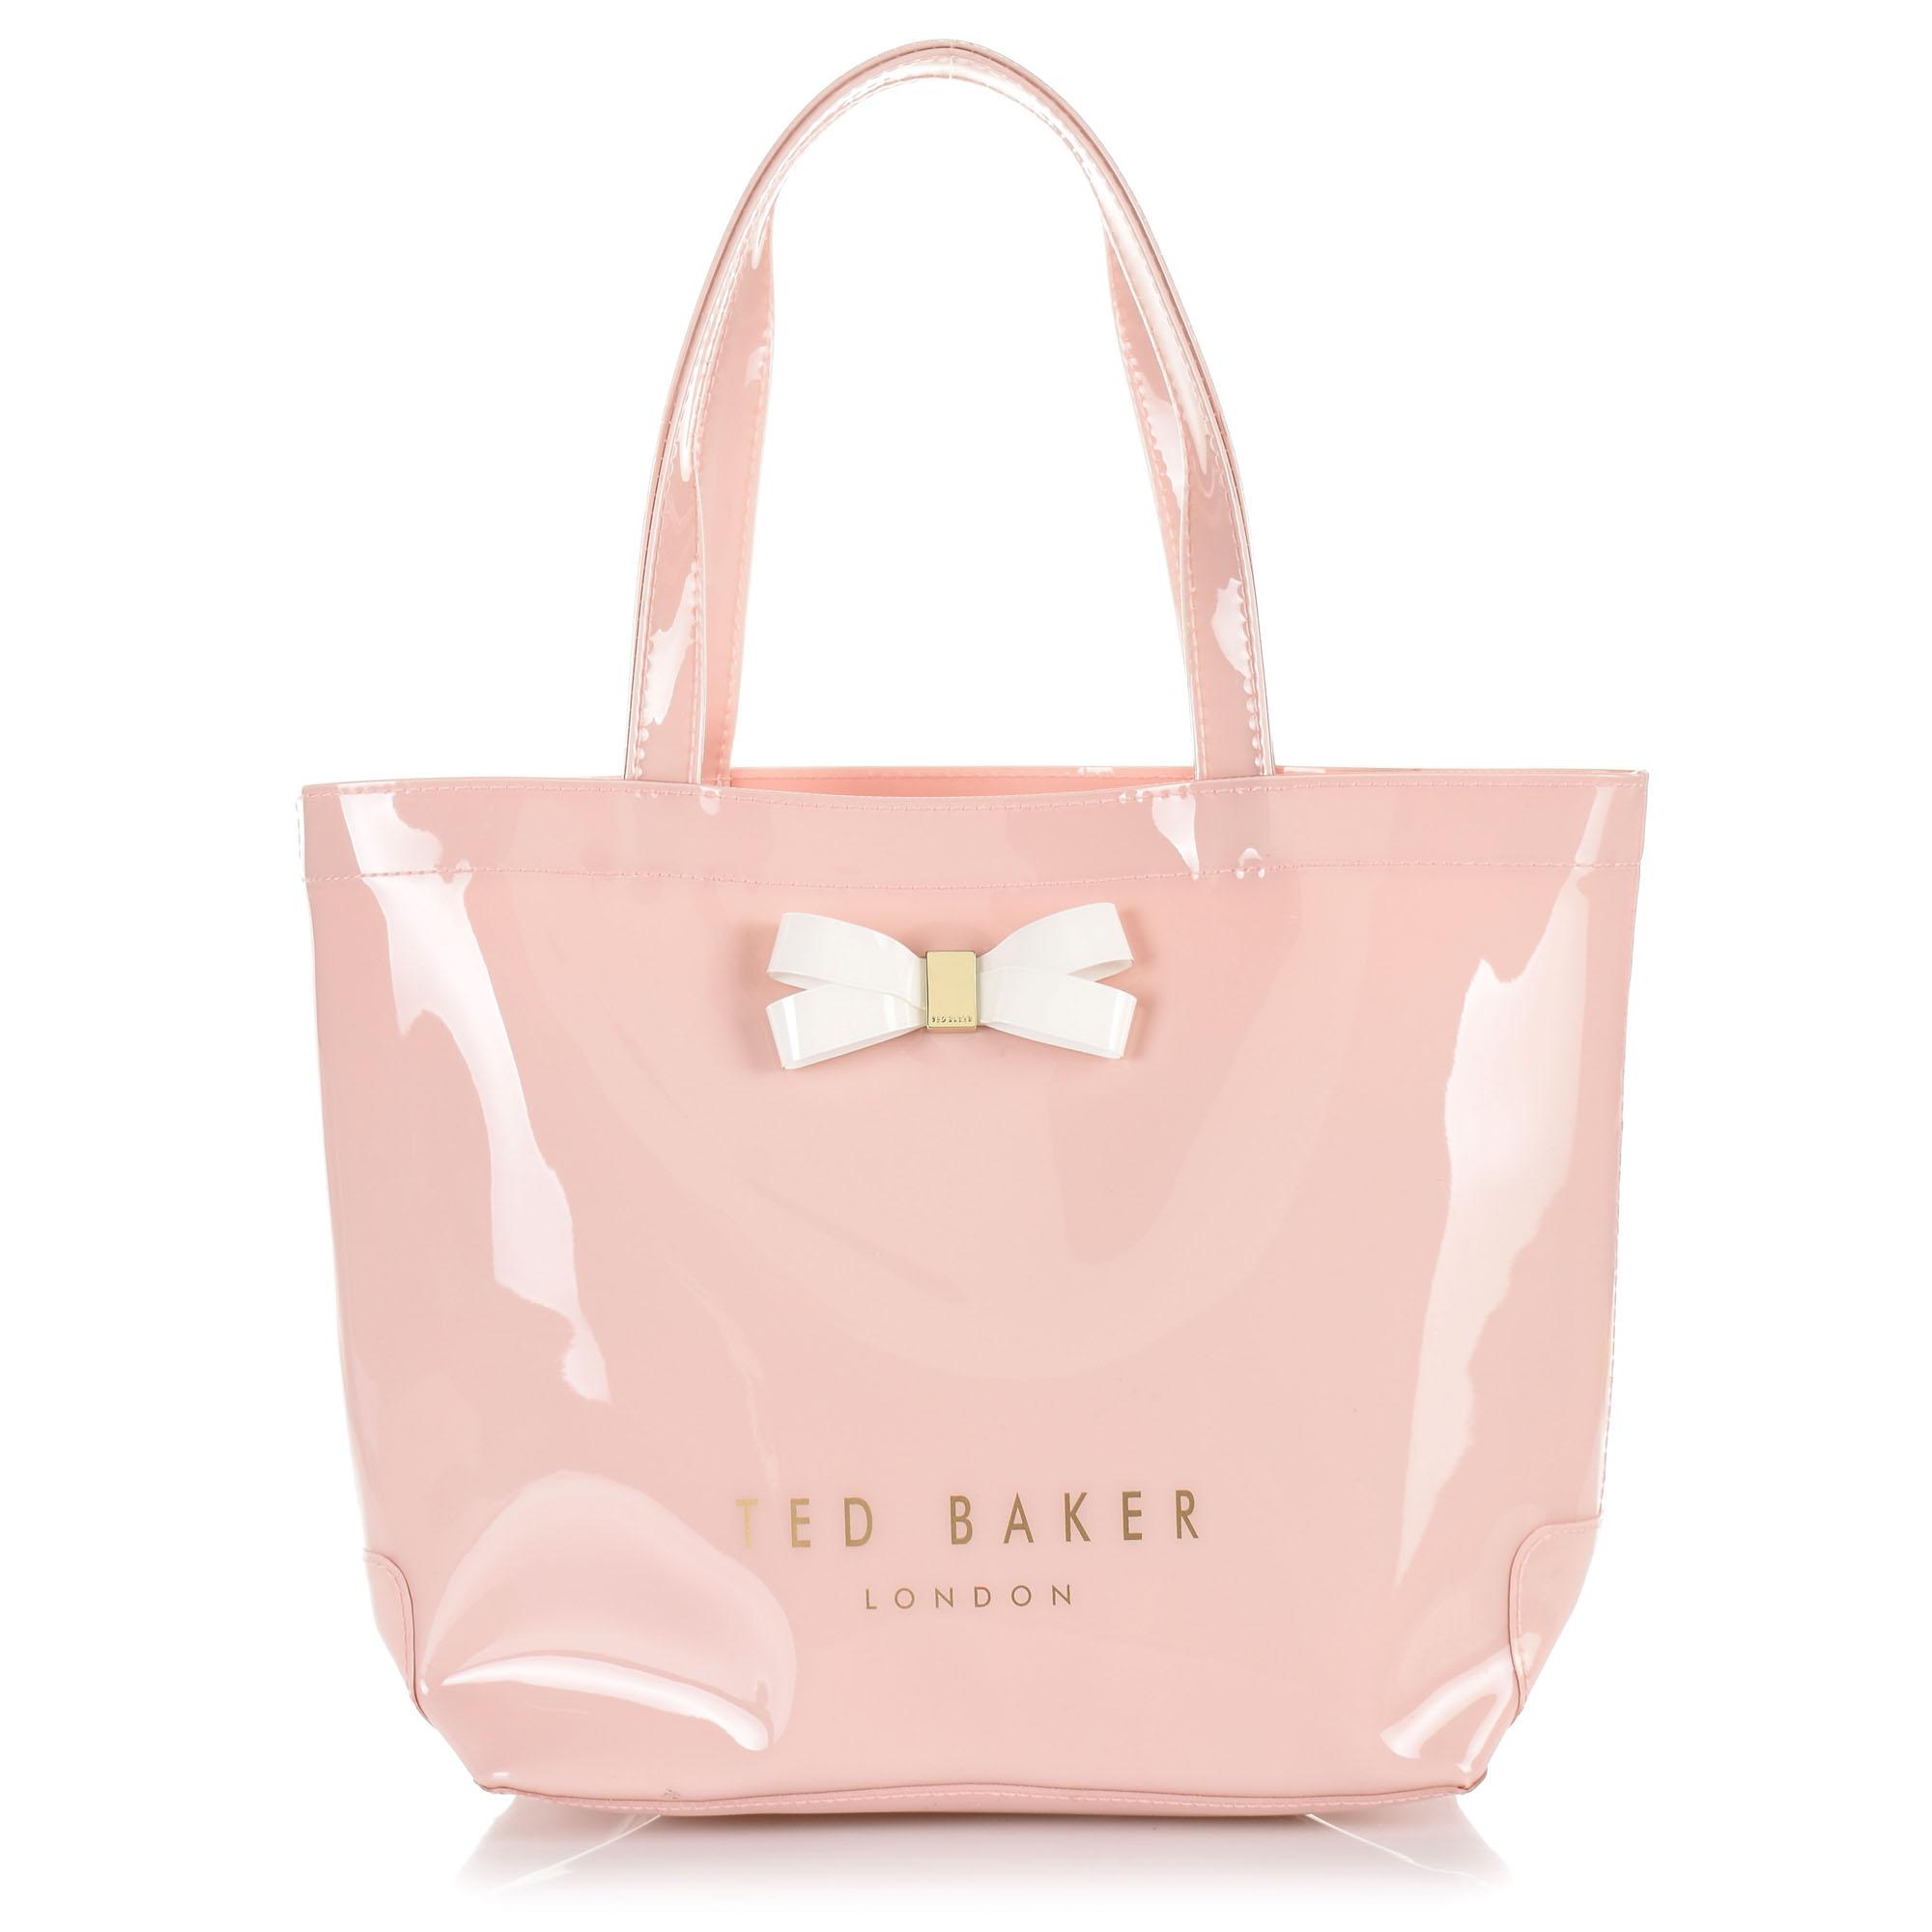 Τσάντα Ώμου Ted Baker Geeocon 229321